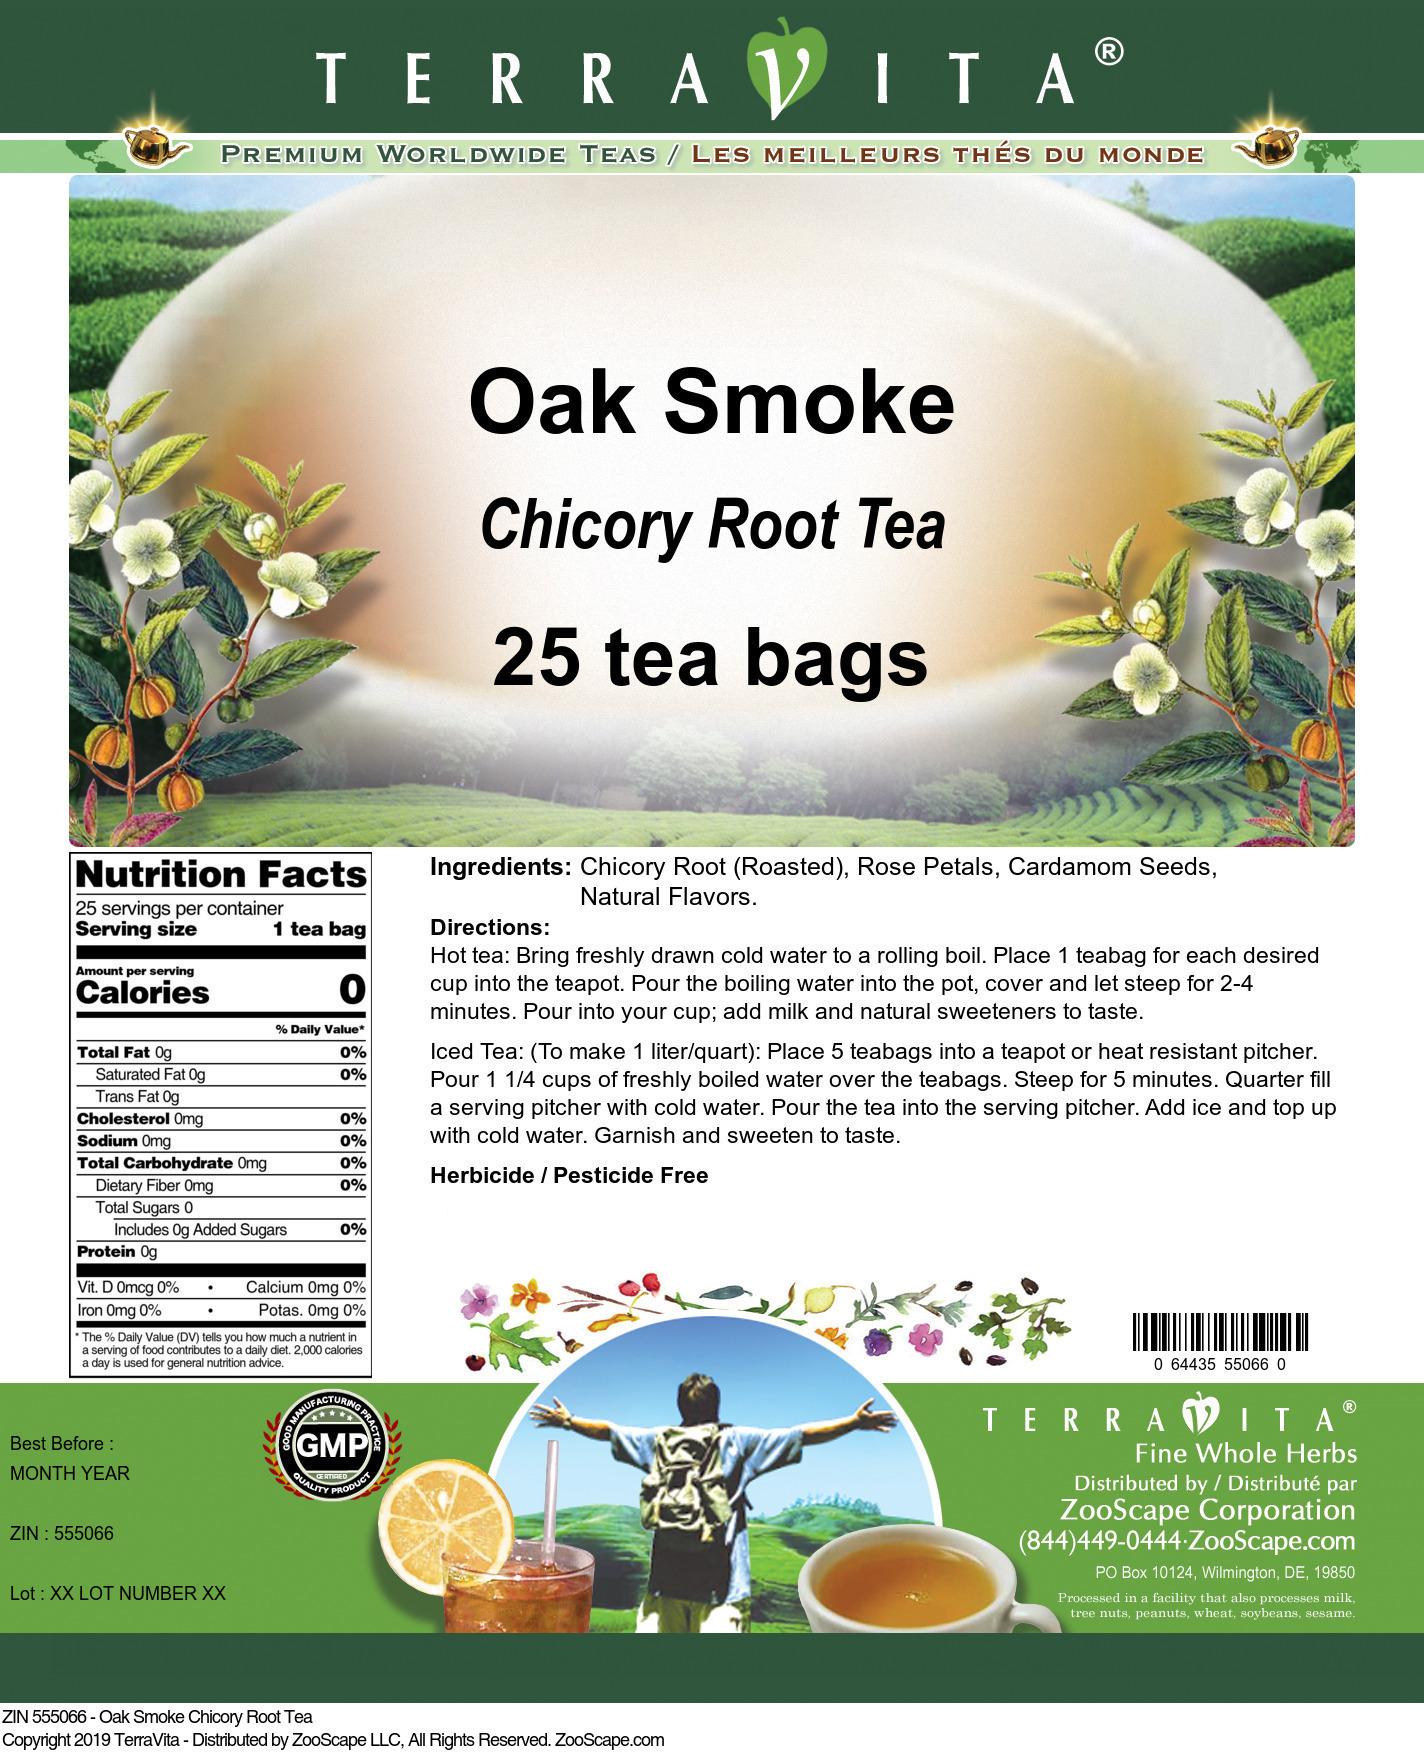 Oak Smoke Chicory Root